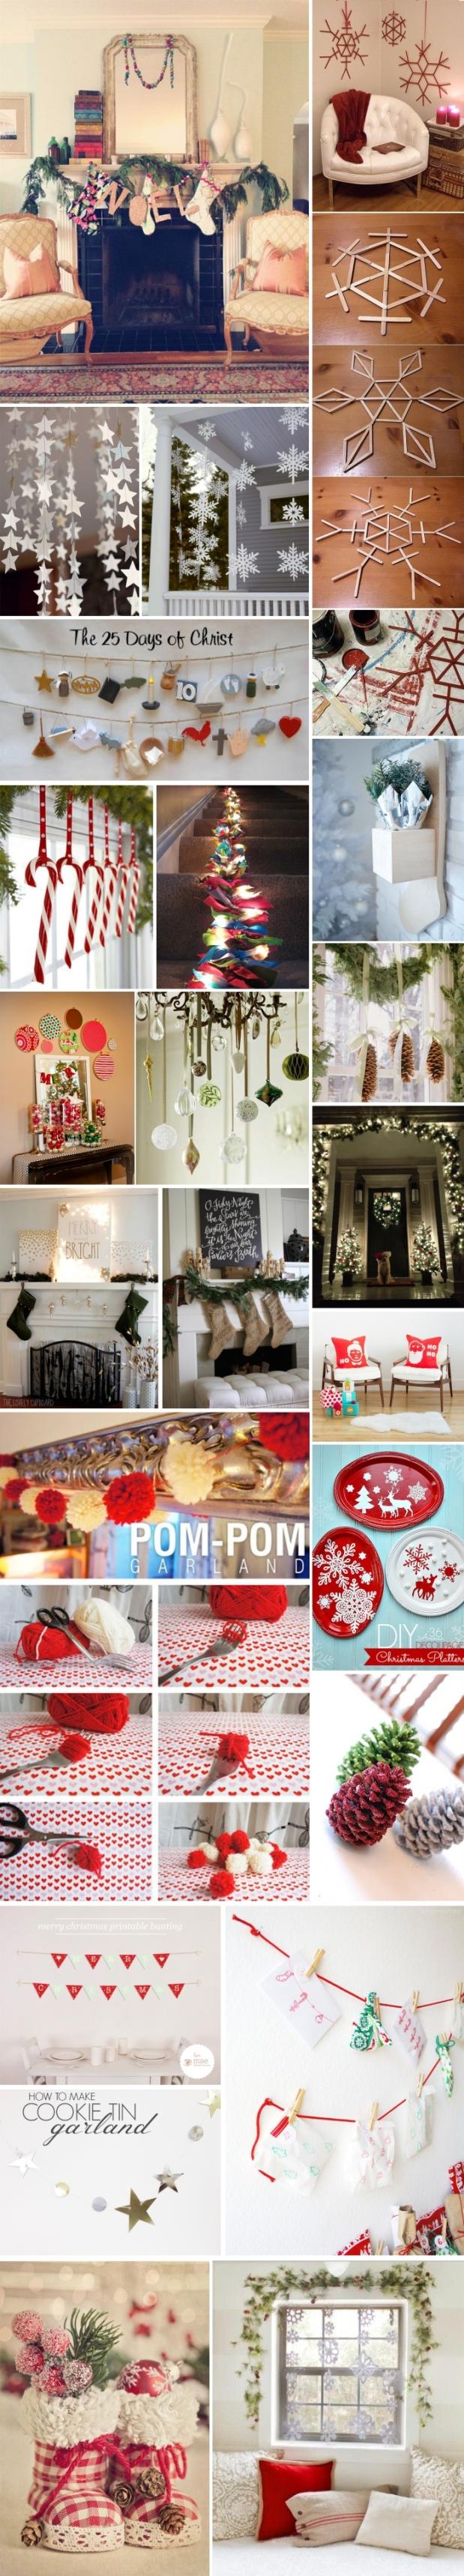 como-decorar-sua-casa-para-o-natal